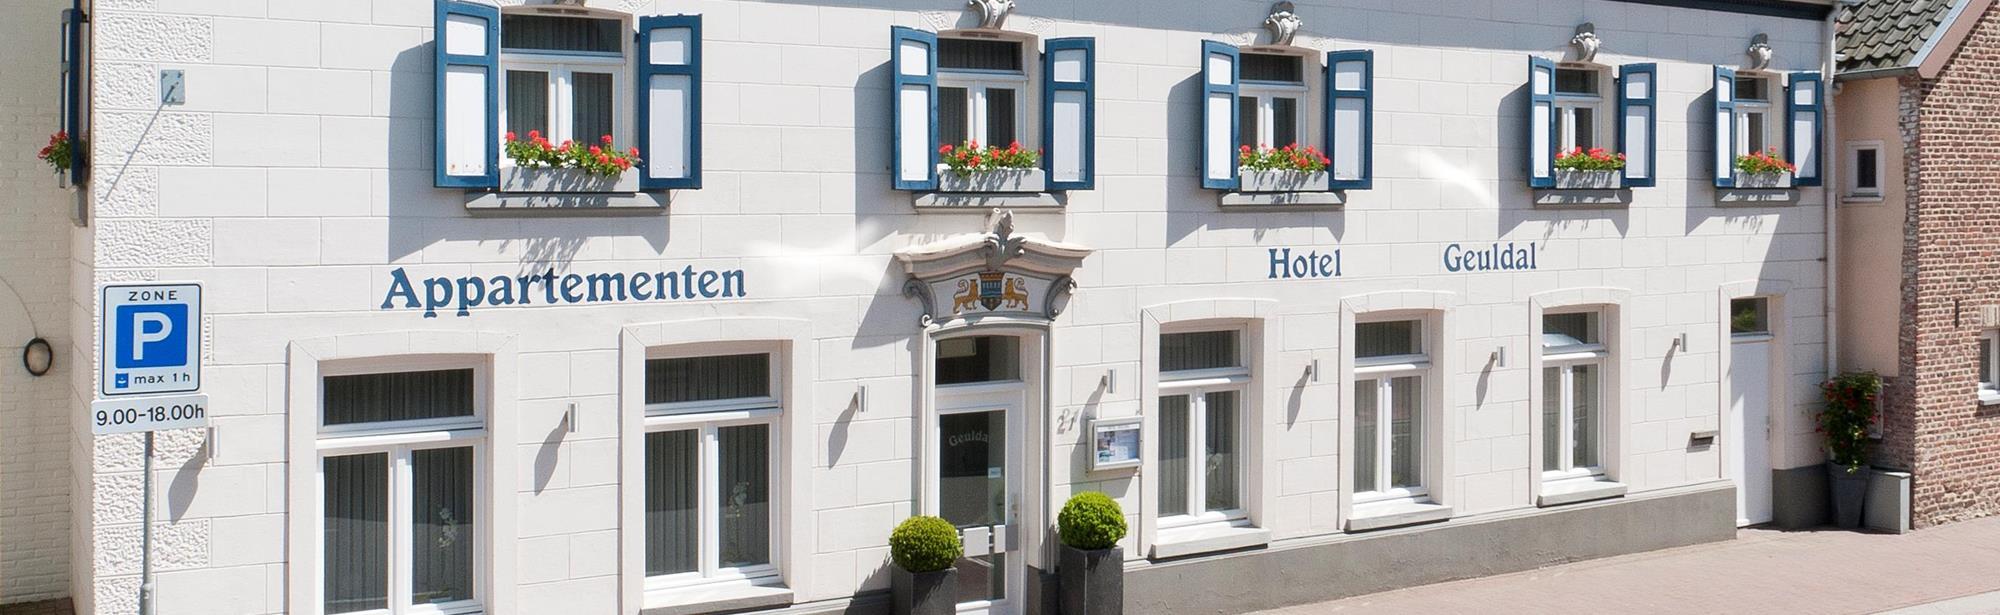 Appartementen-Hotel Geuldal